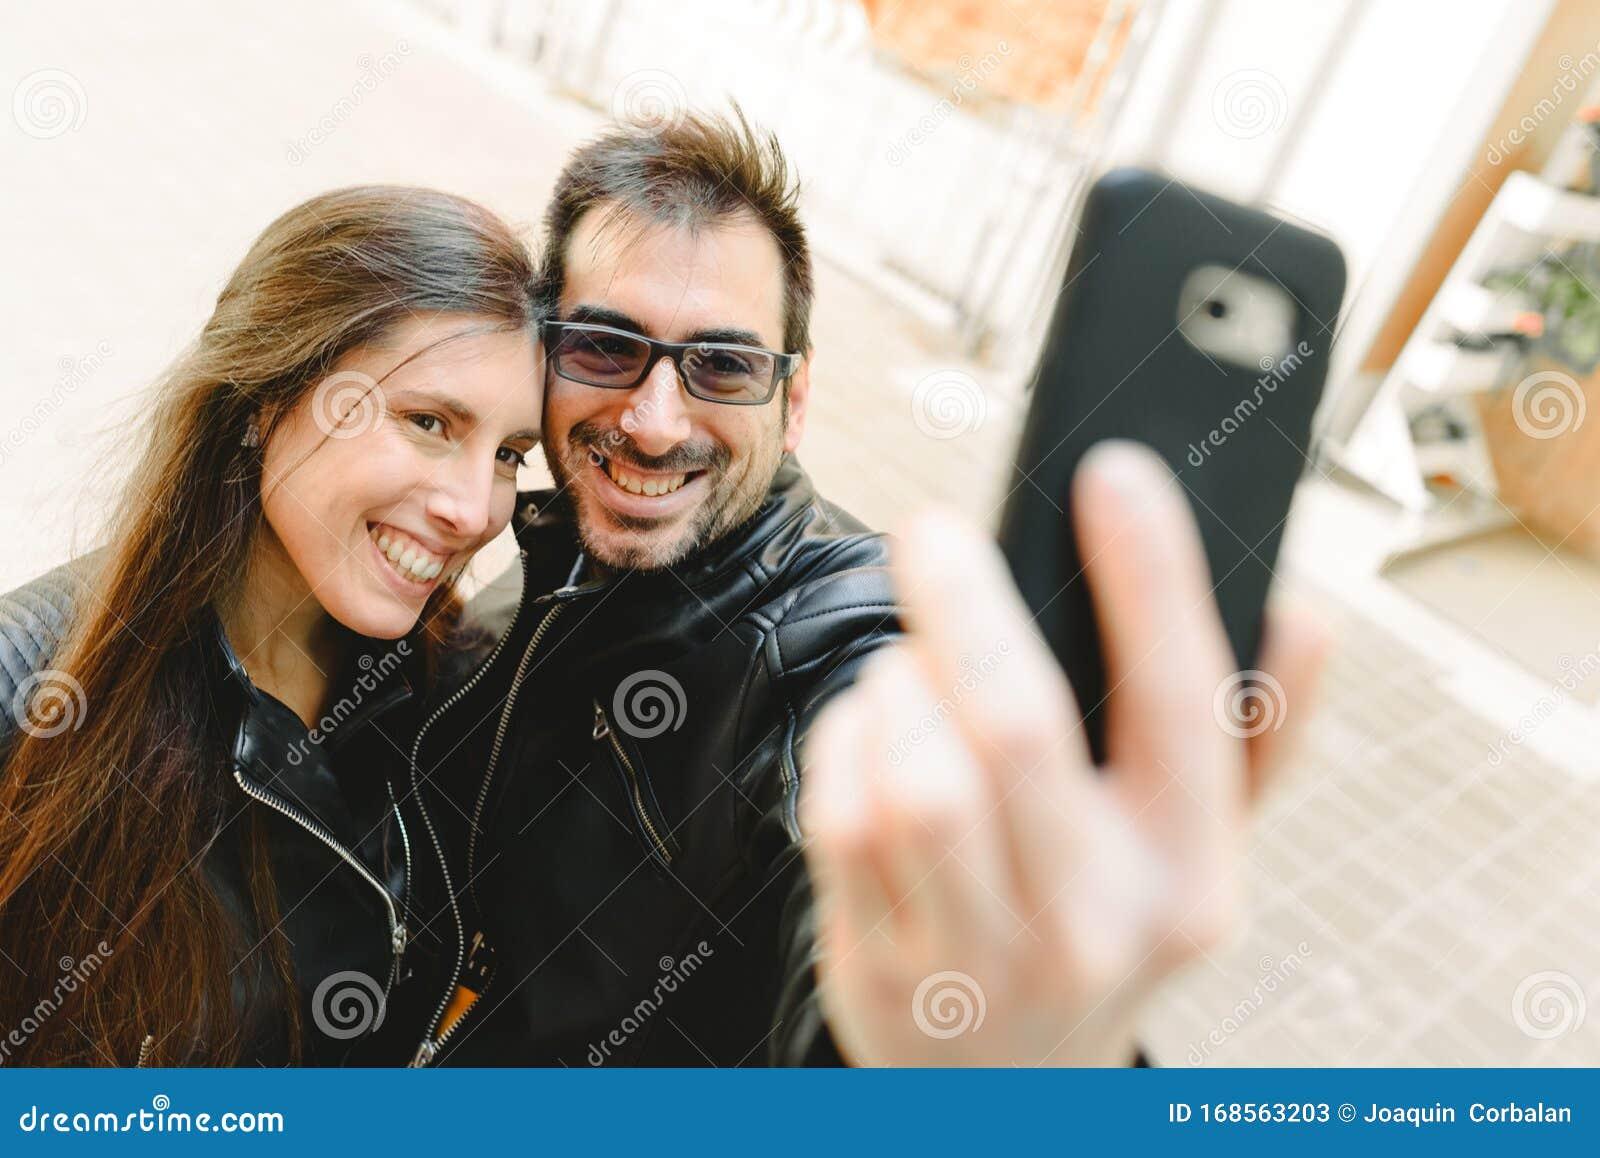 Selfi amateur You're doing